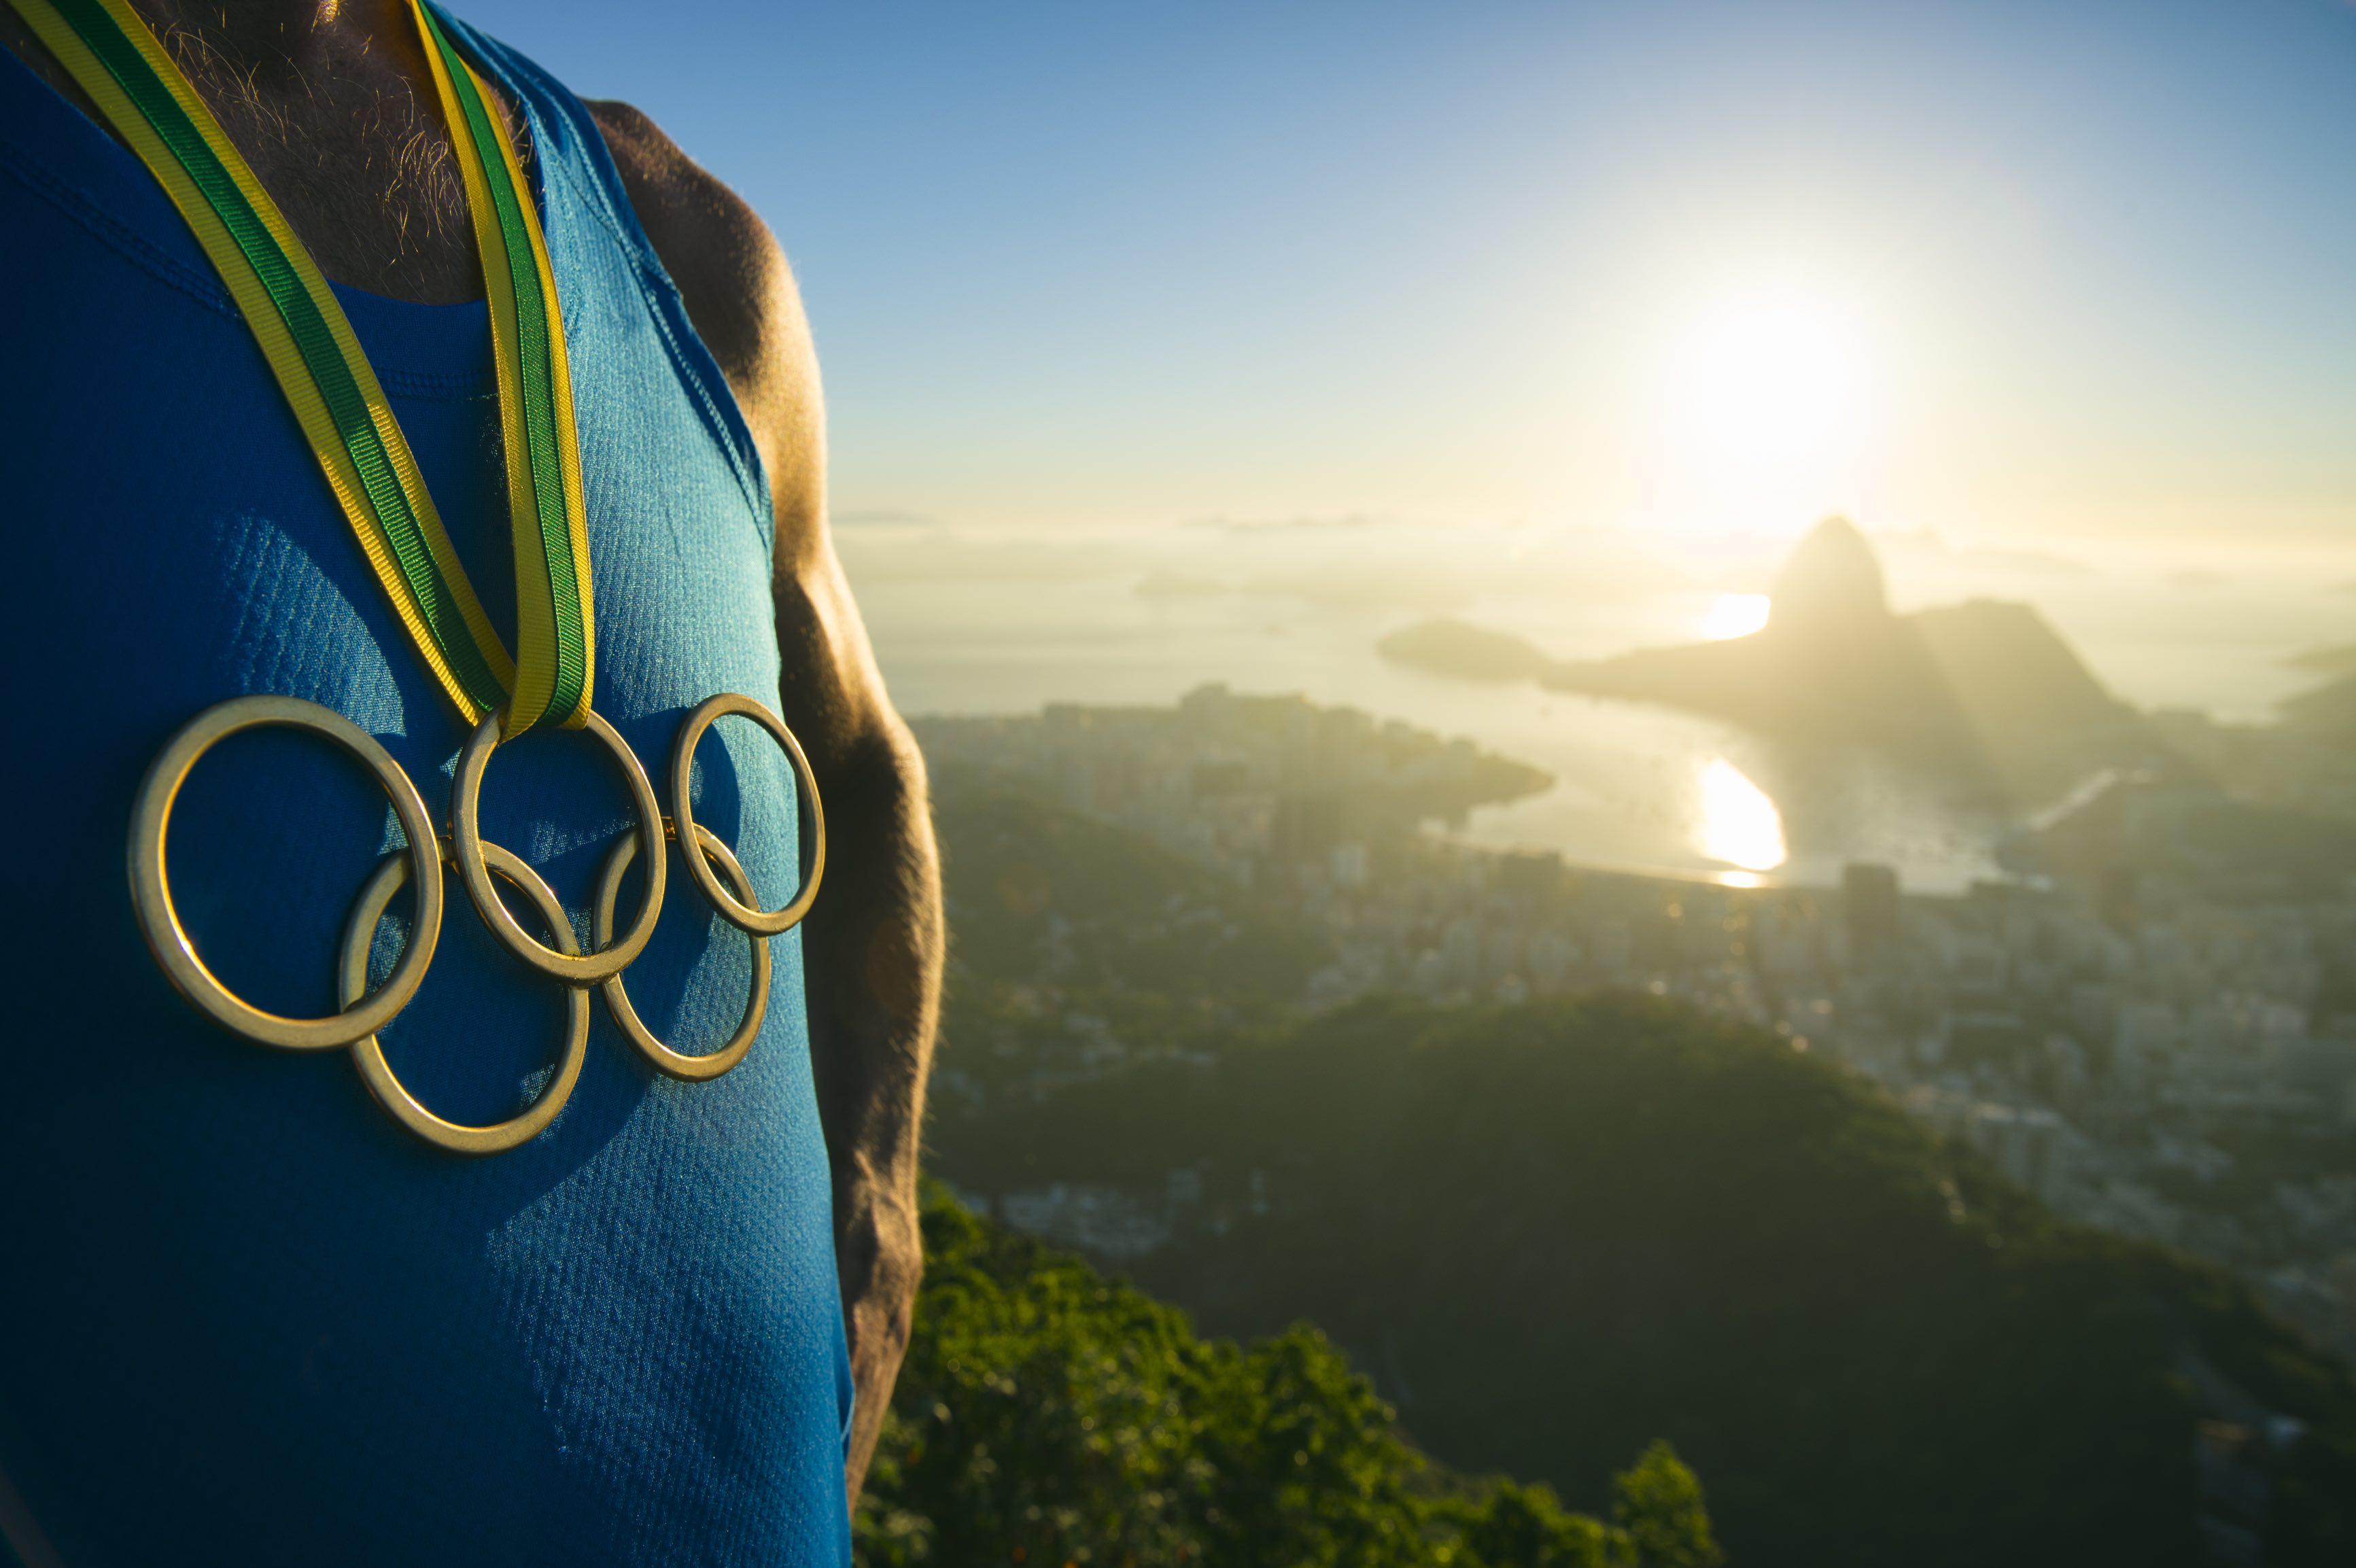 奧運亮點回顧》除了洪荒之力外,里約還留下哪些精采與感動?(下)